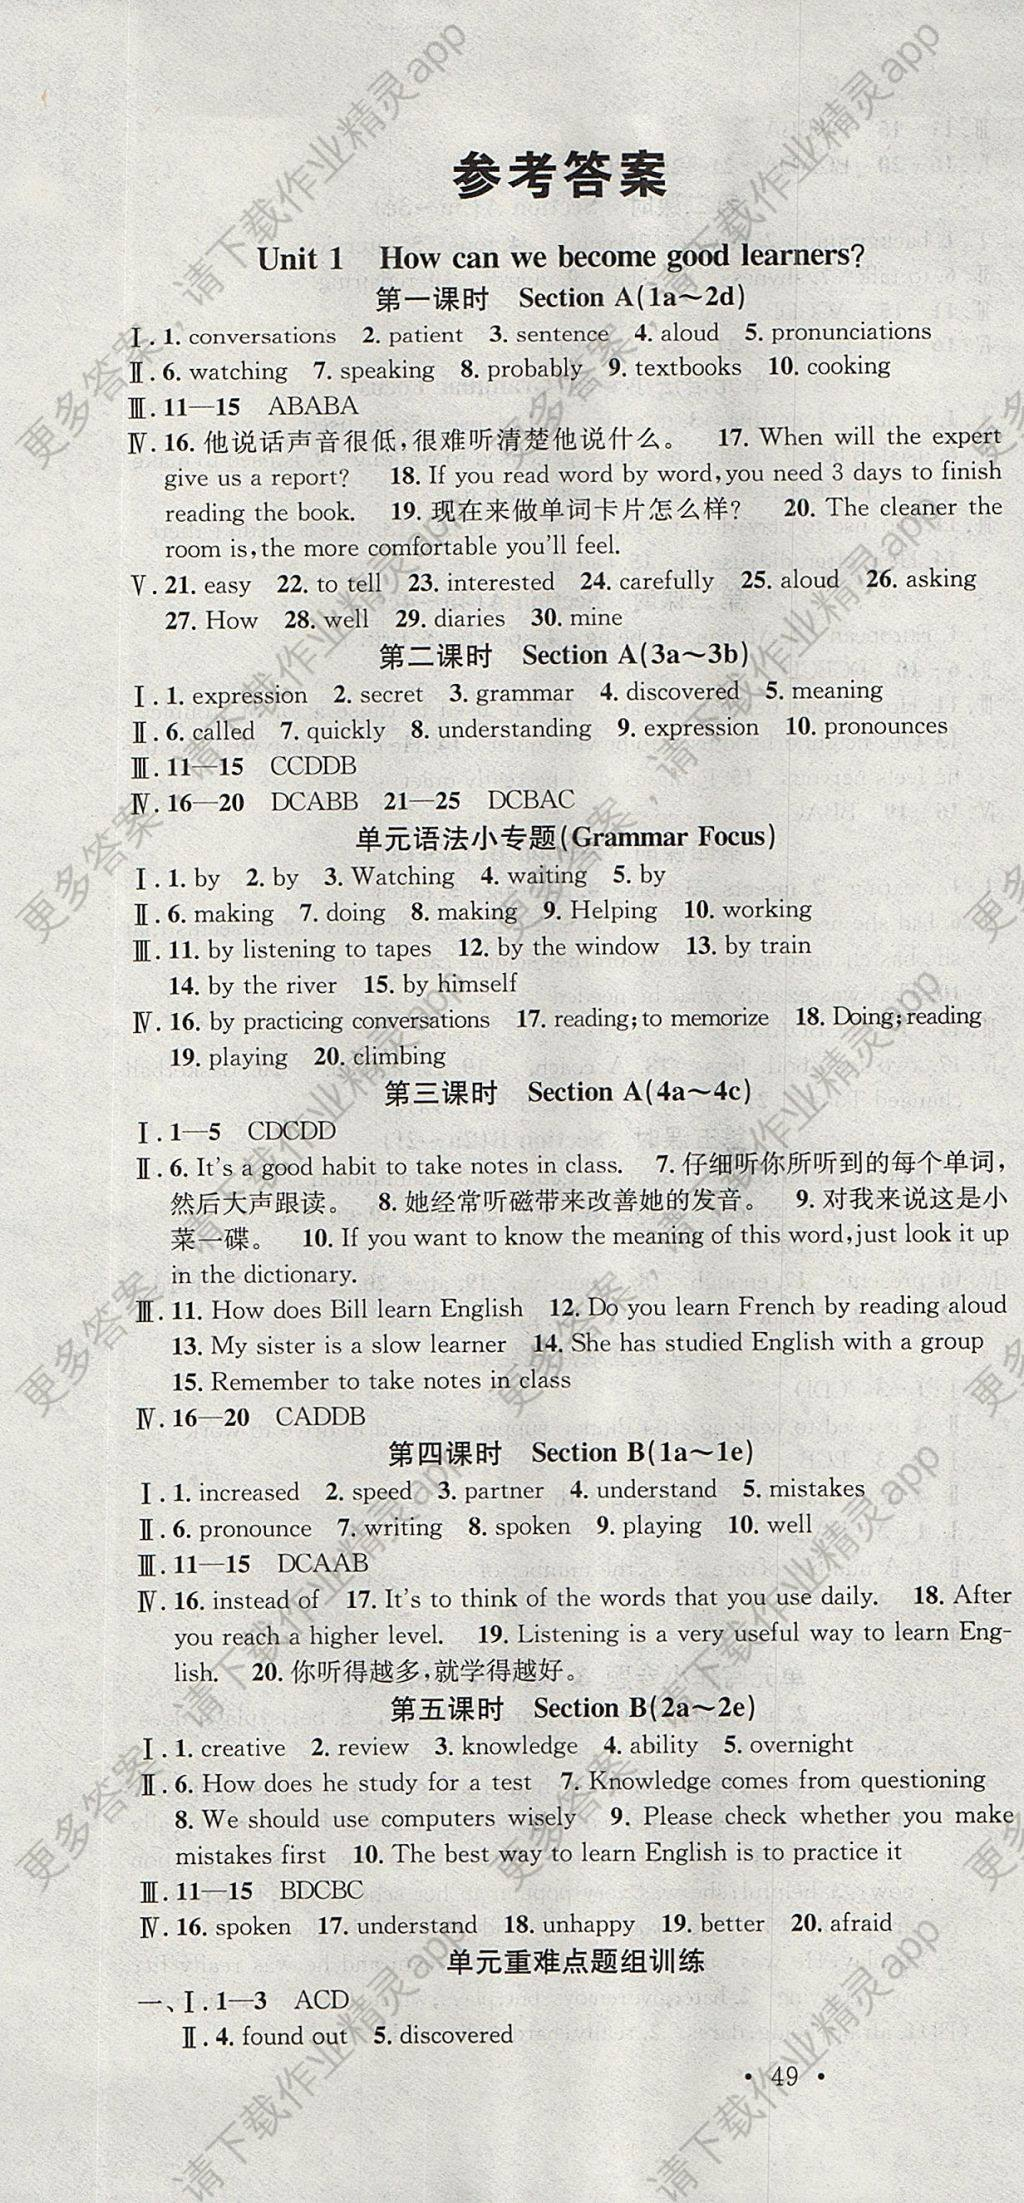 2017年名校课堂滚动学习法九年级英语上册人教版武汉大学出版社 参考答案第1页